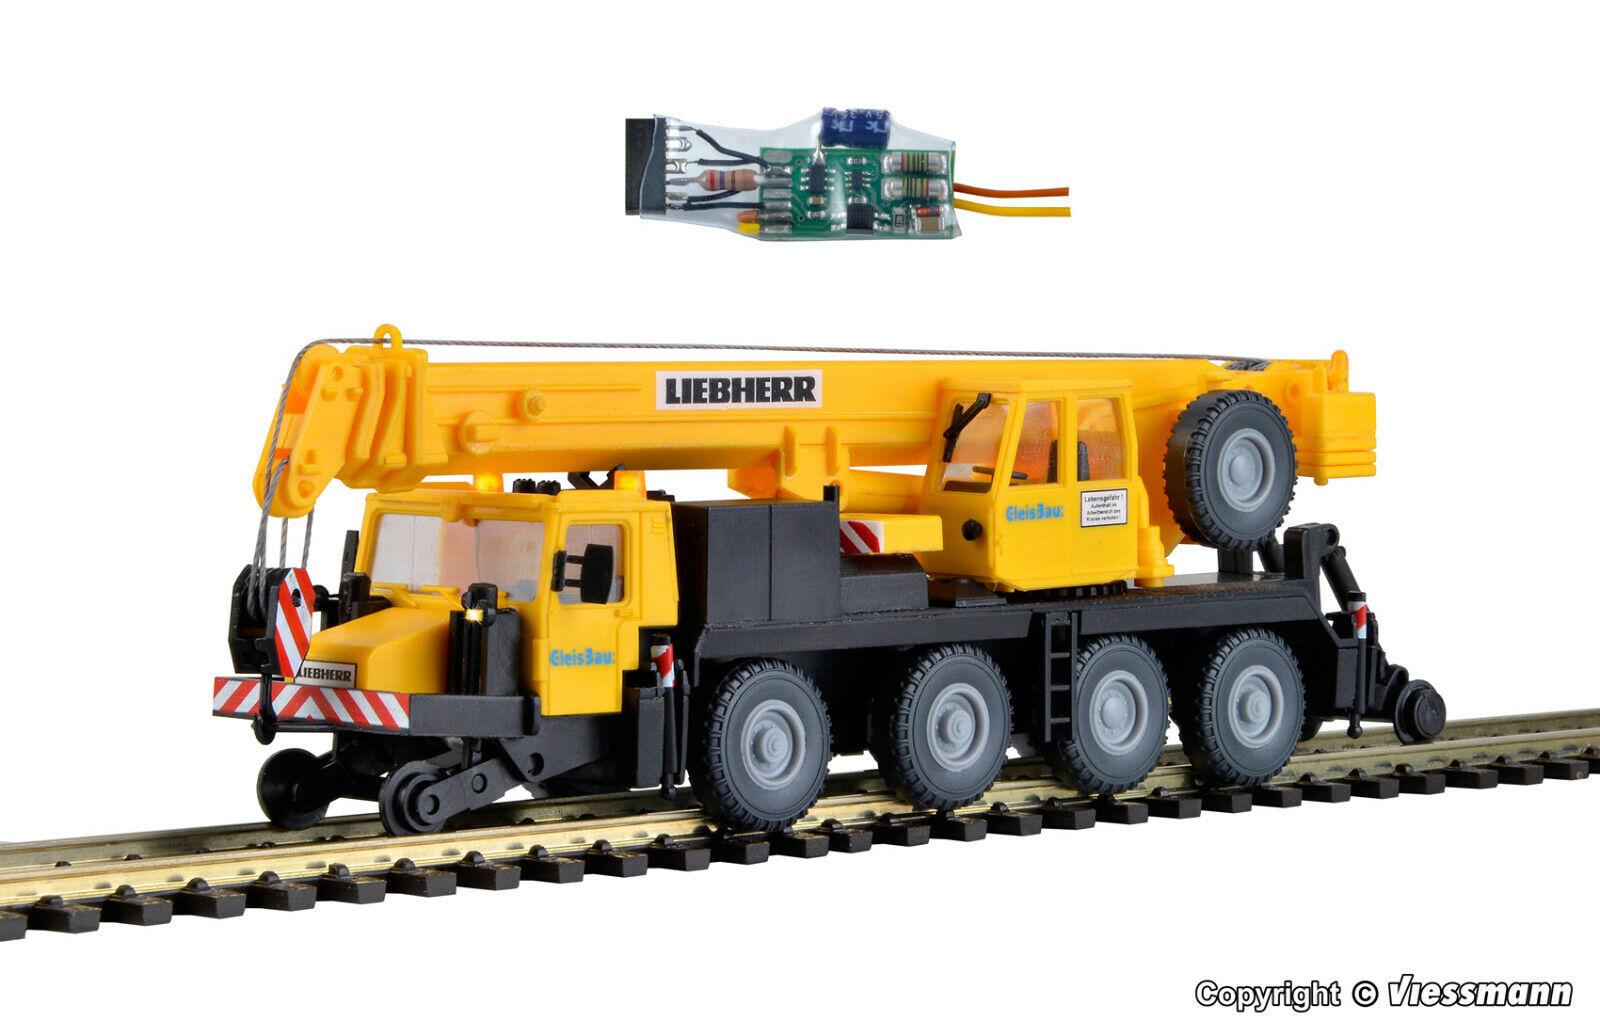 spedizione veloce a te Kibri h0 10558 LTM 1050-4 due vie-gru vie-gru vie-gru gleibau LED-Bel. Nuovo Scatola Originale  prezzi equi